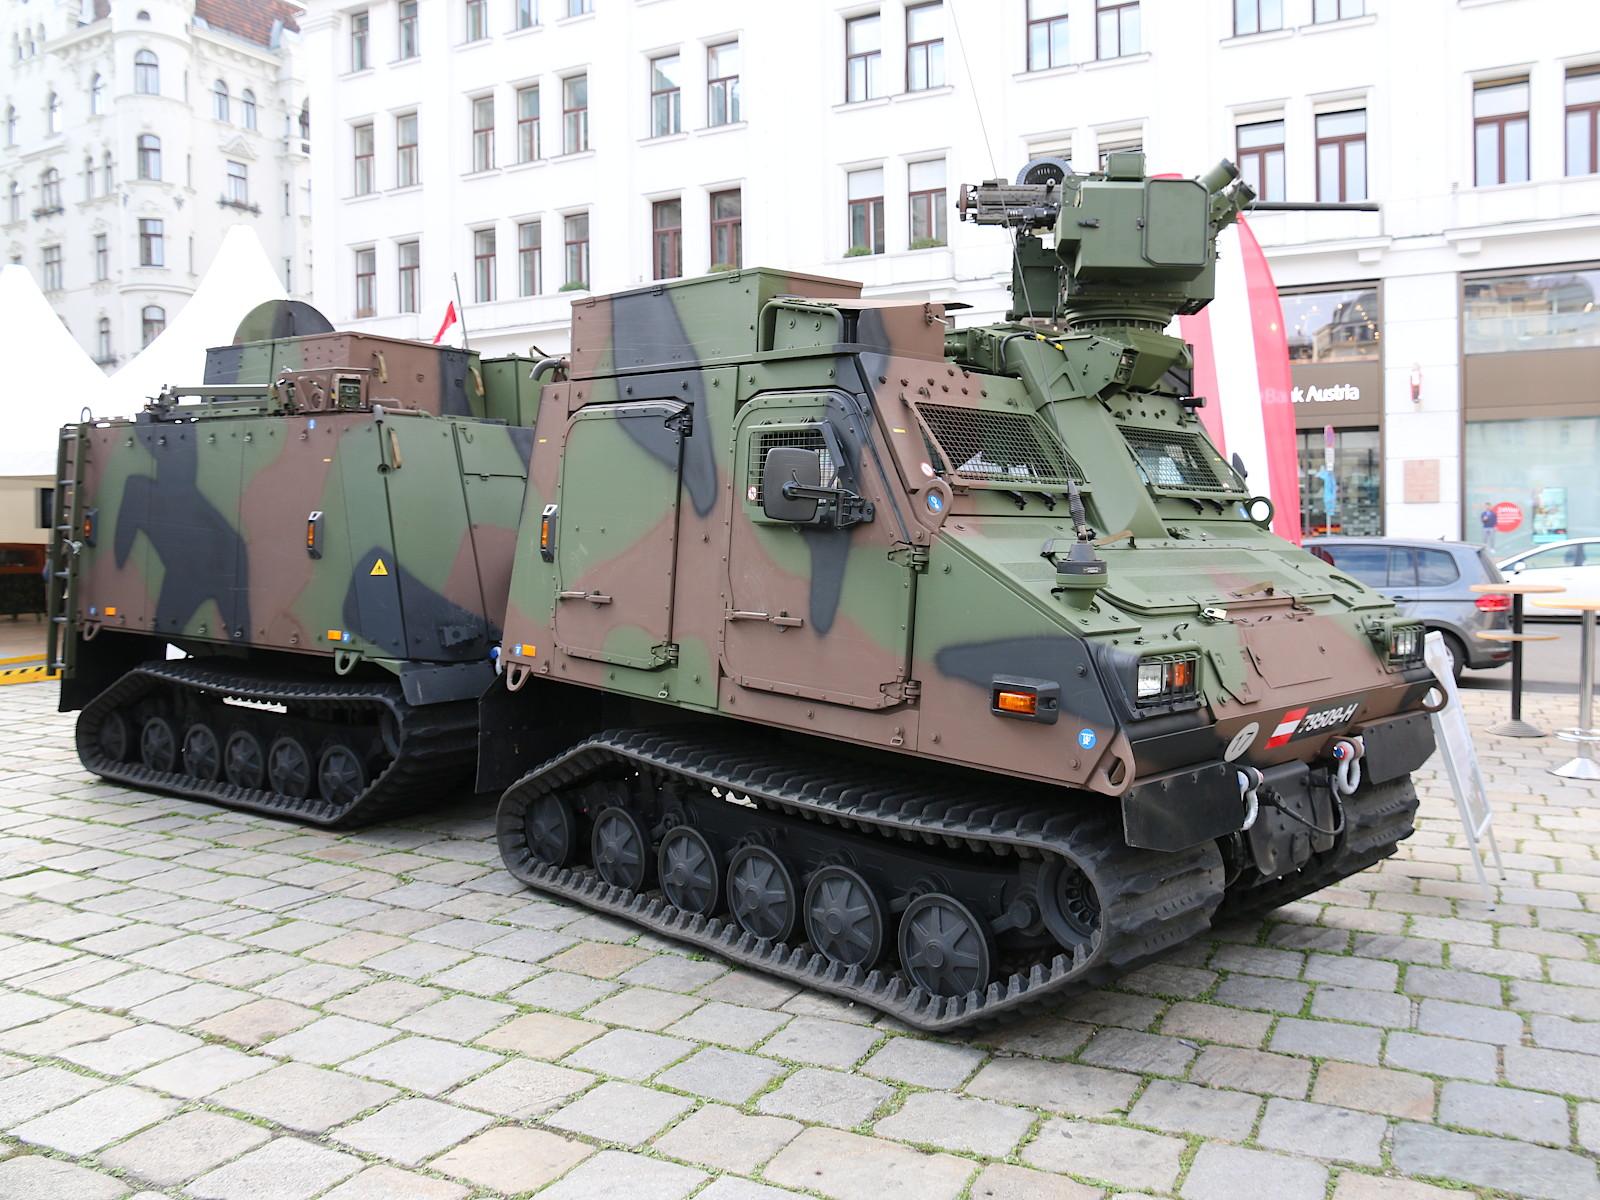 32 neue Universalgeländefahrzeug BvS10 AUT Hägglunds (BvS10 Mk IIB) für die Gebirgsjäger © Doppeladler.com